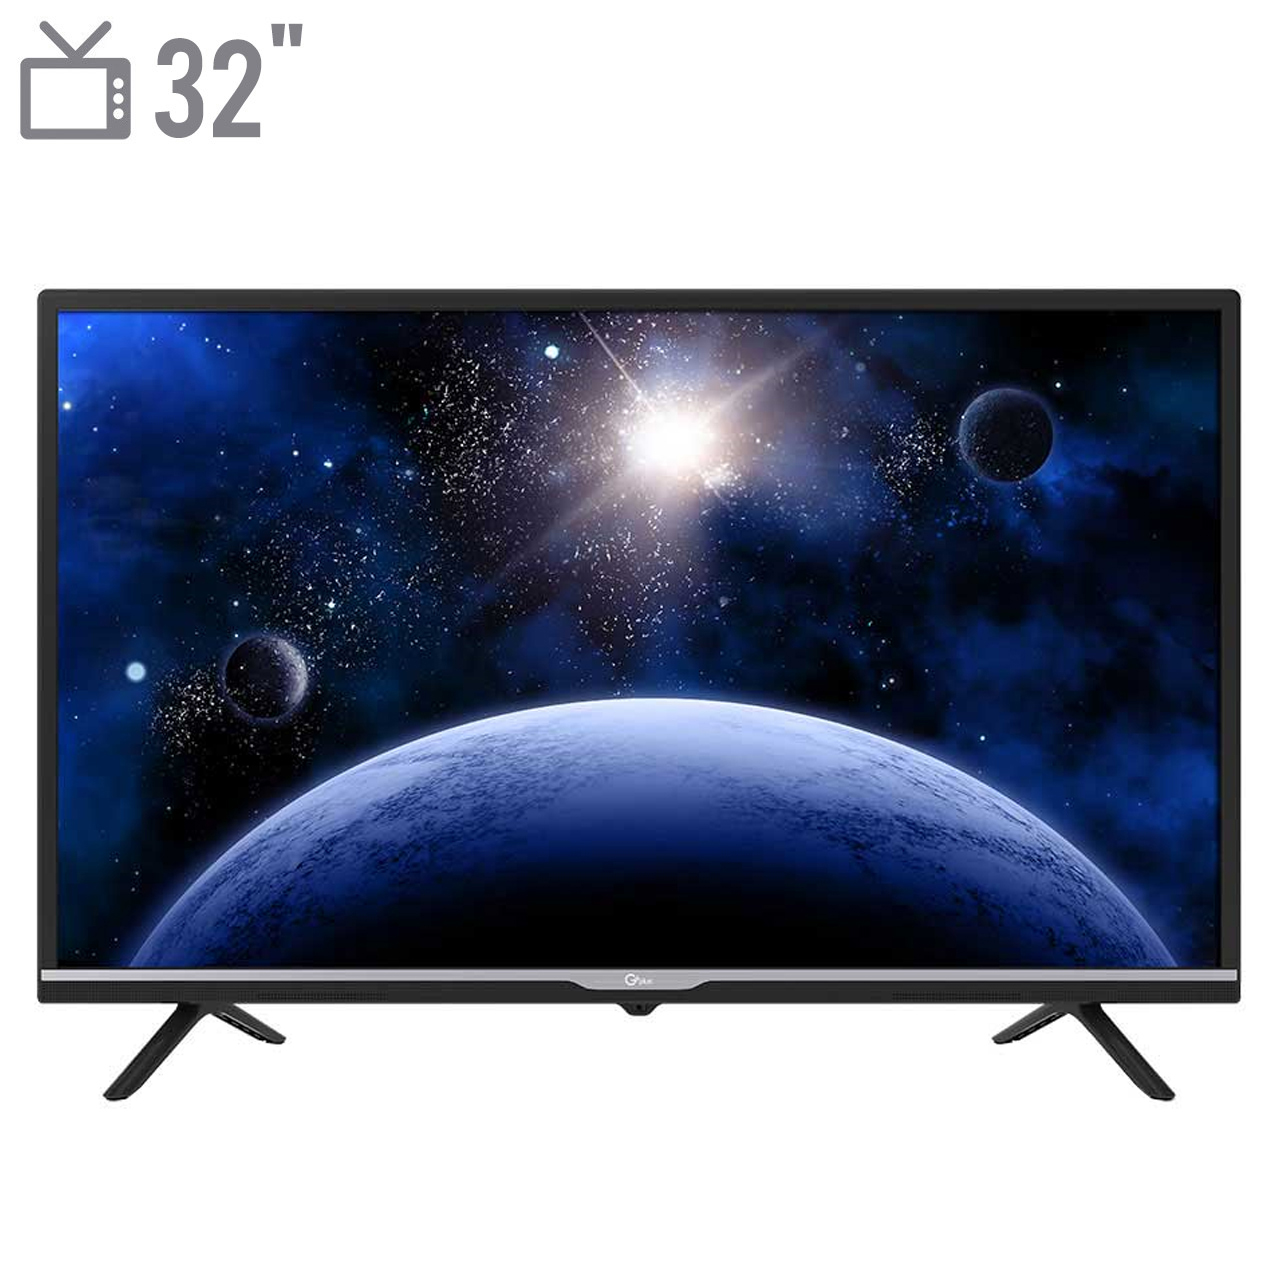 تصویر تلویزیون 32 اینچ جی پلاس مدل GTV-32JD512N Gplus GTV-32jd512n TV